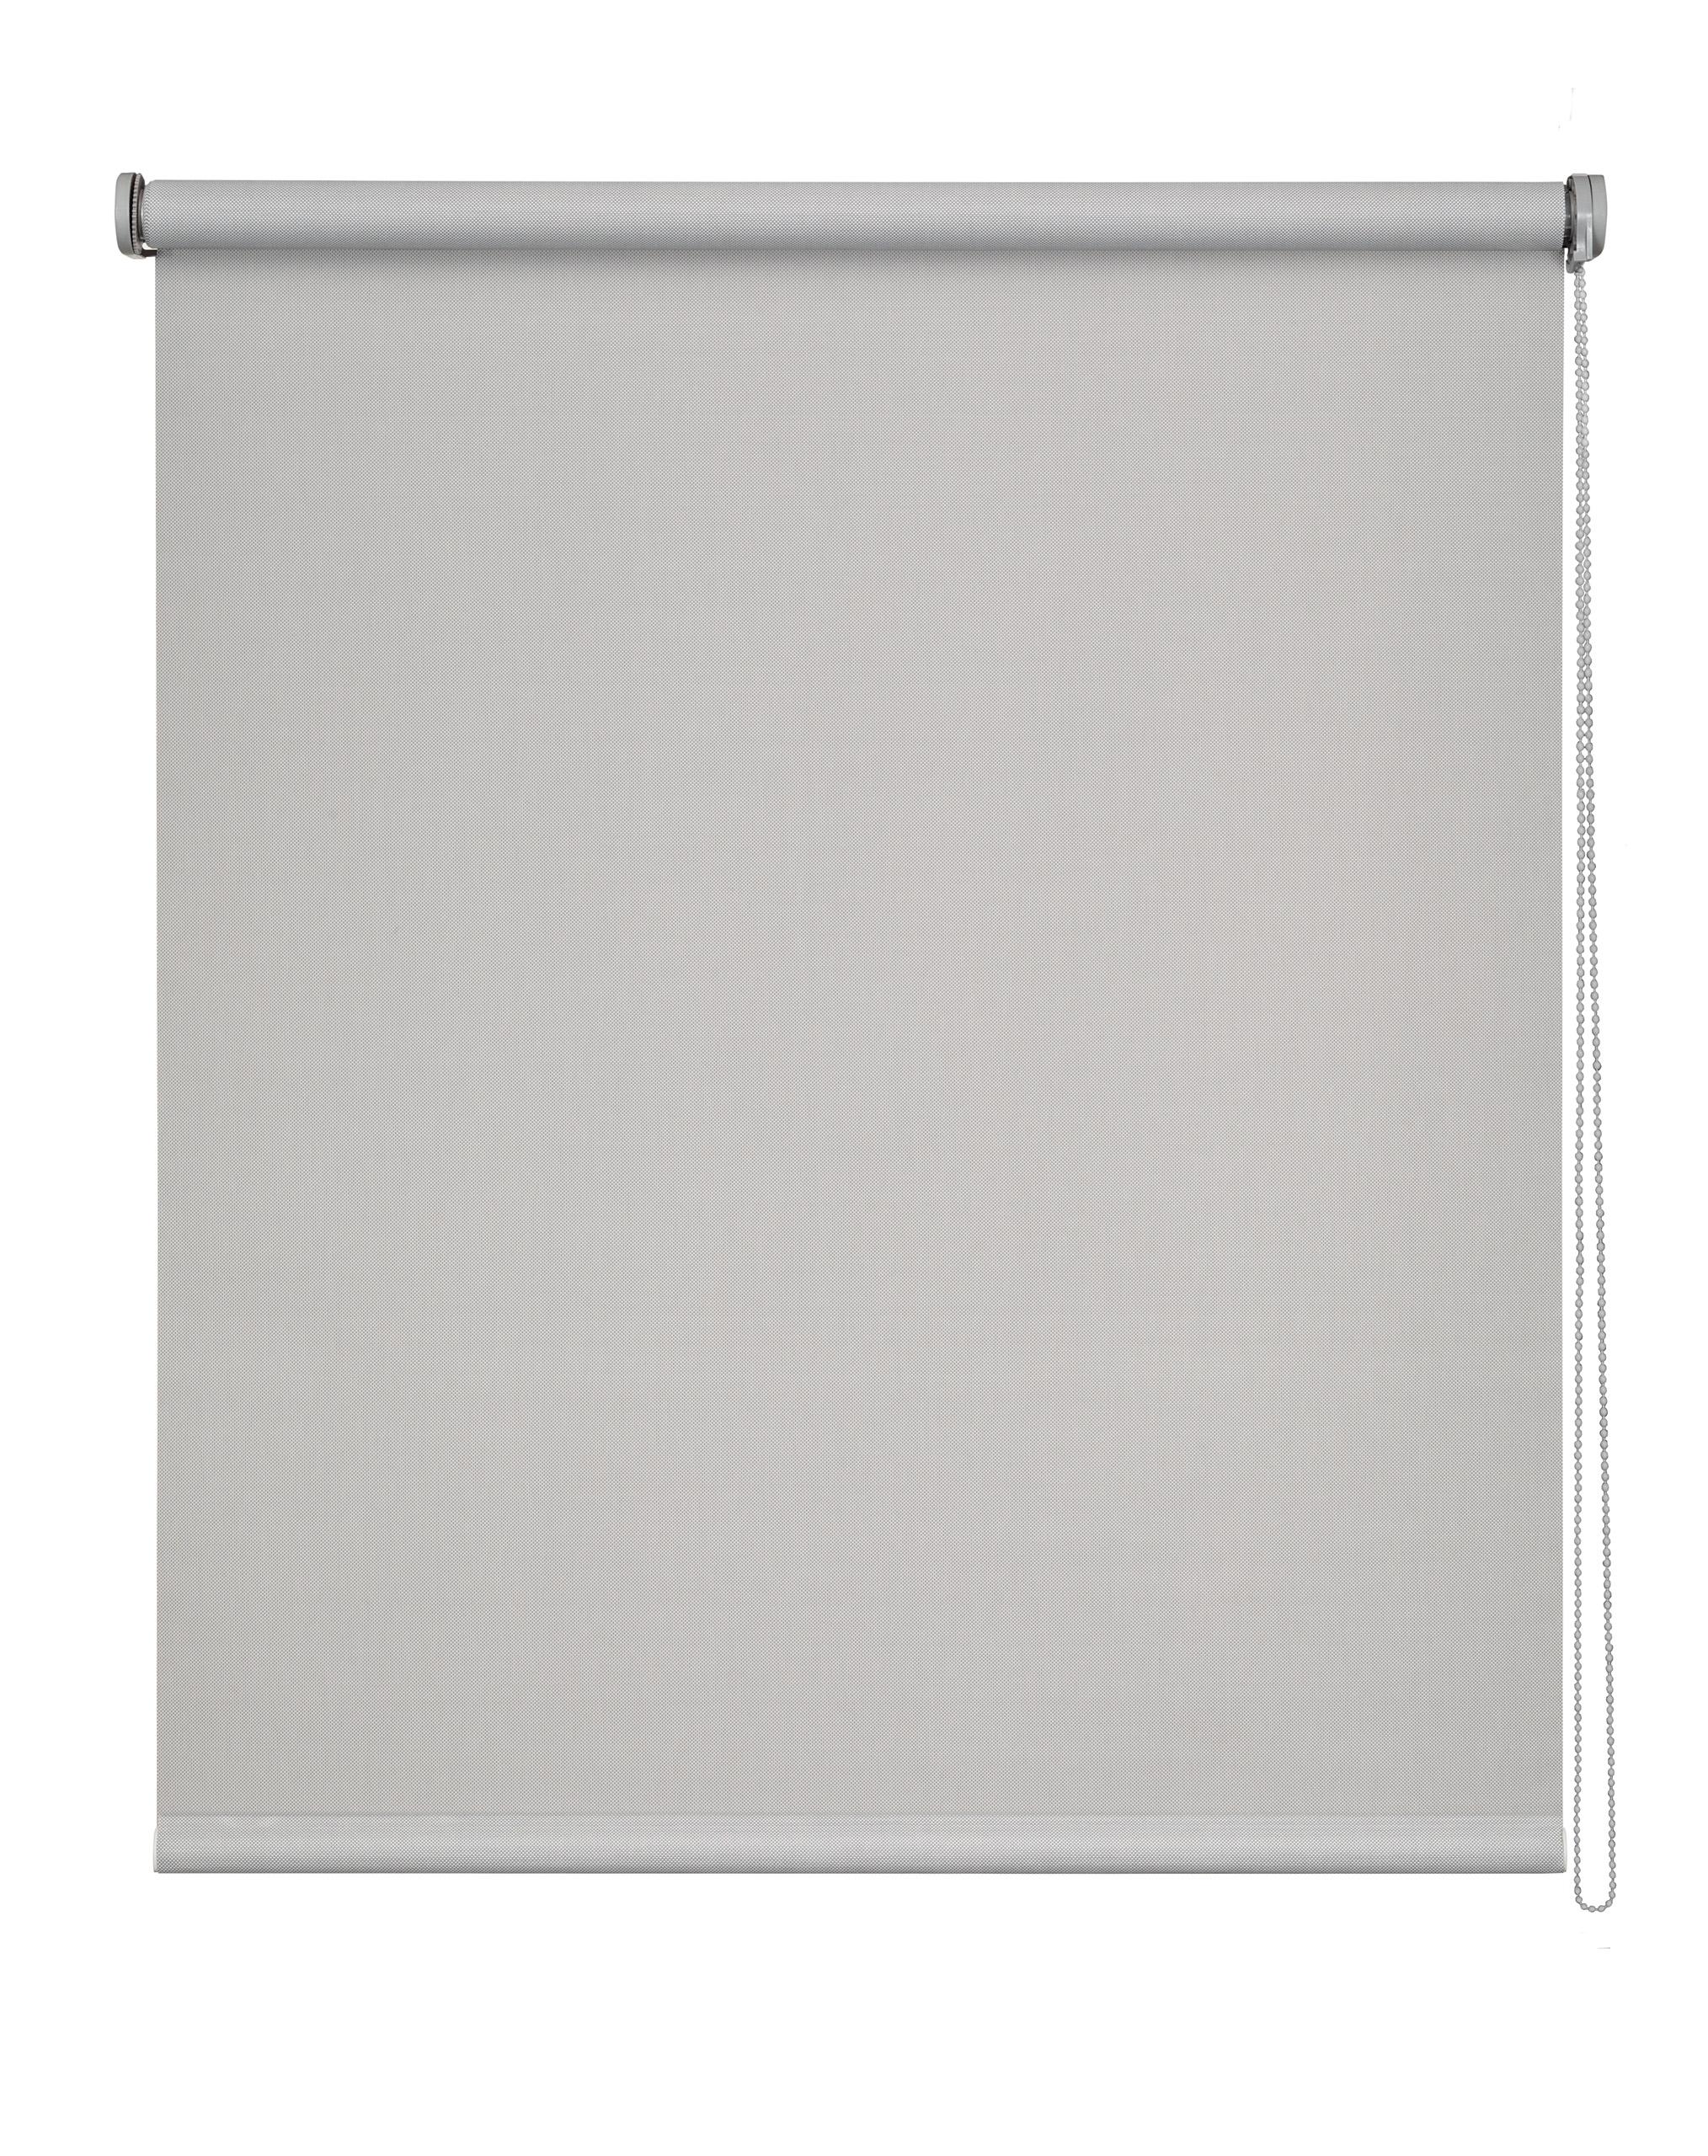 Store Enrouleur voile Screen - Beige - 105 x 250 cm